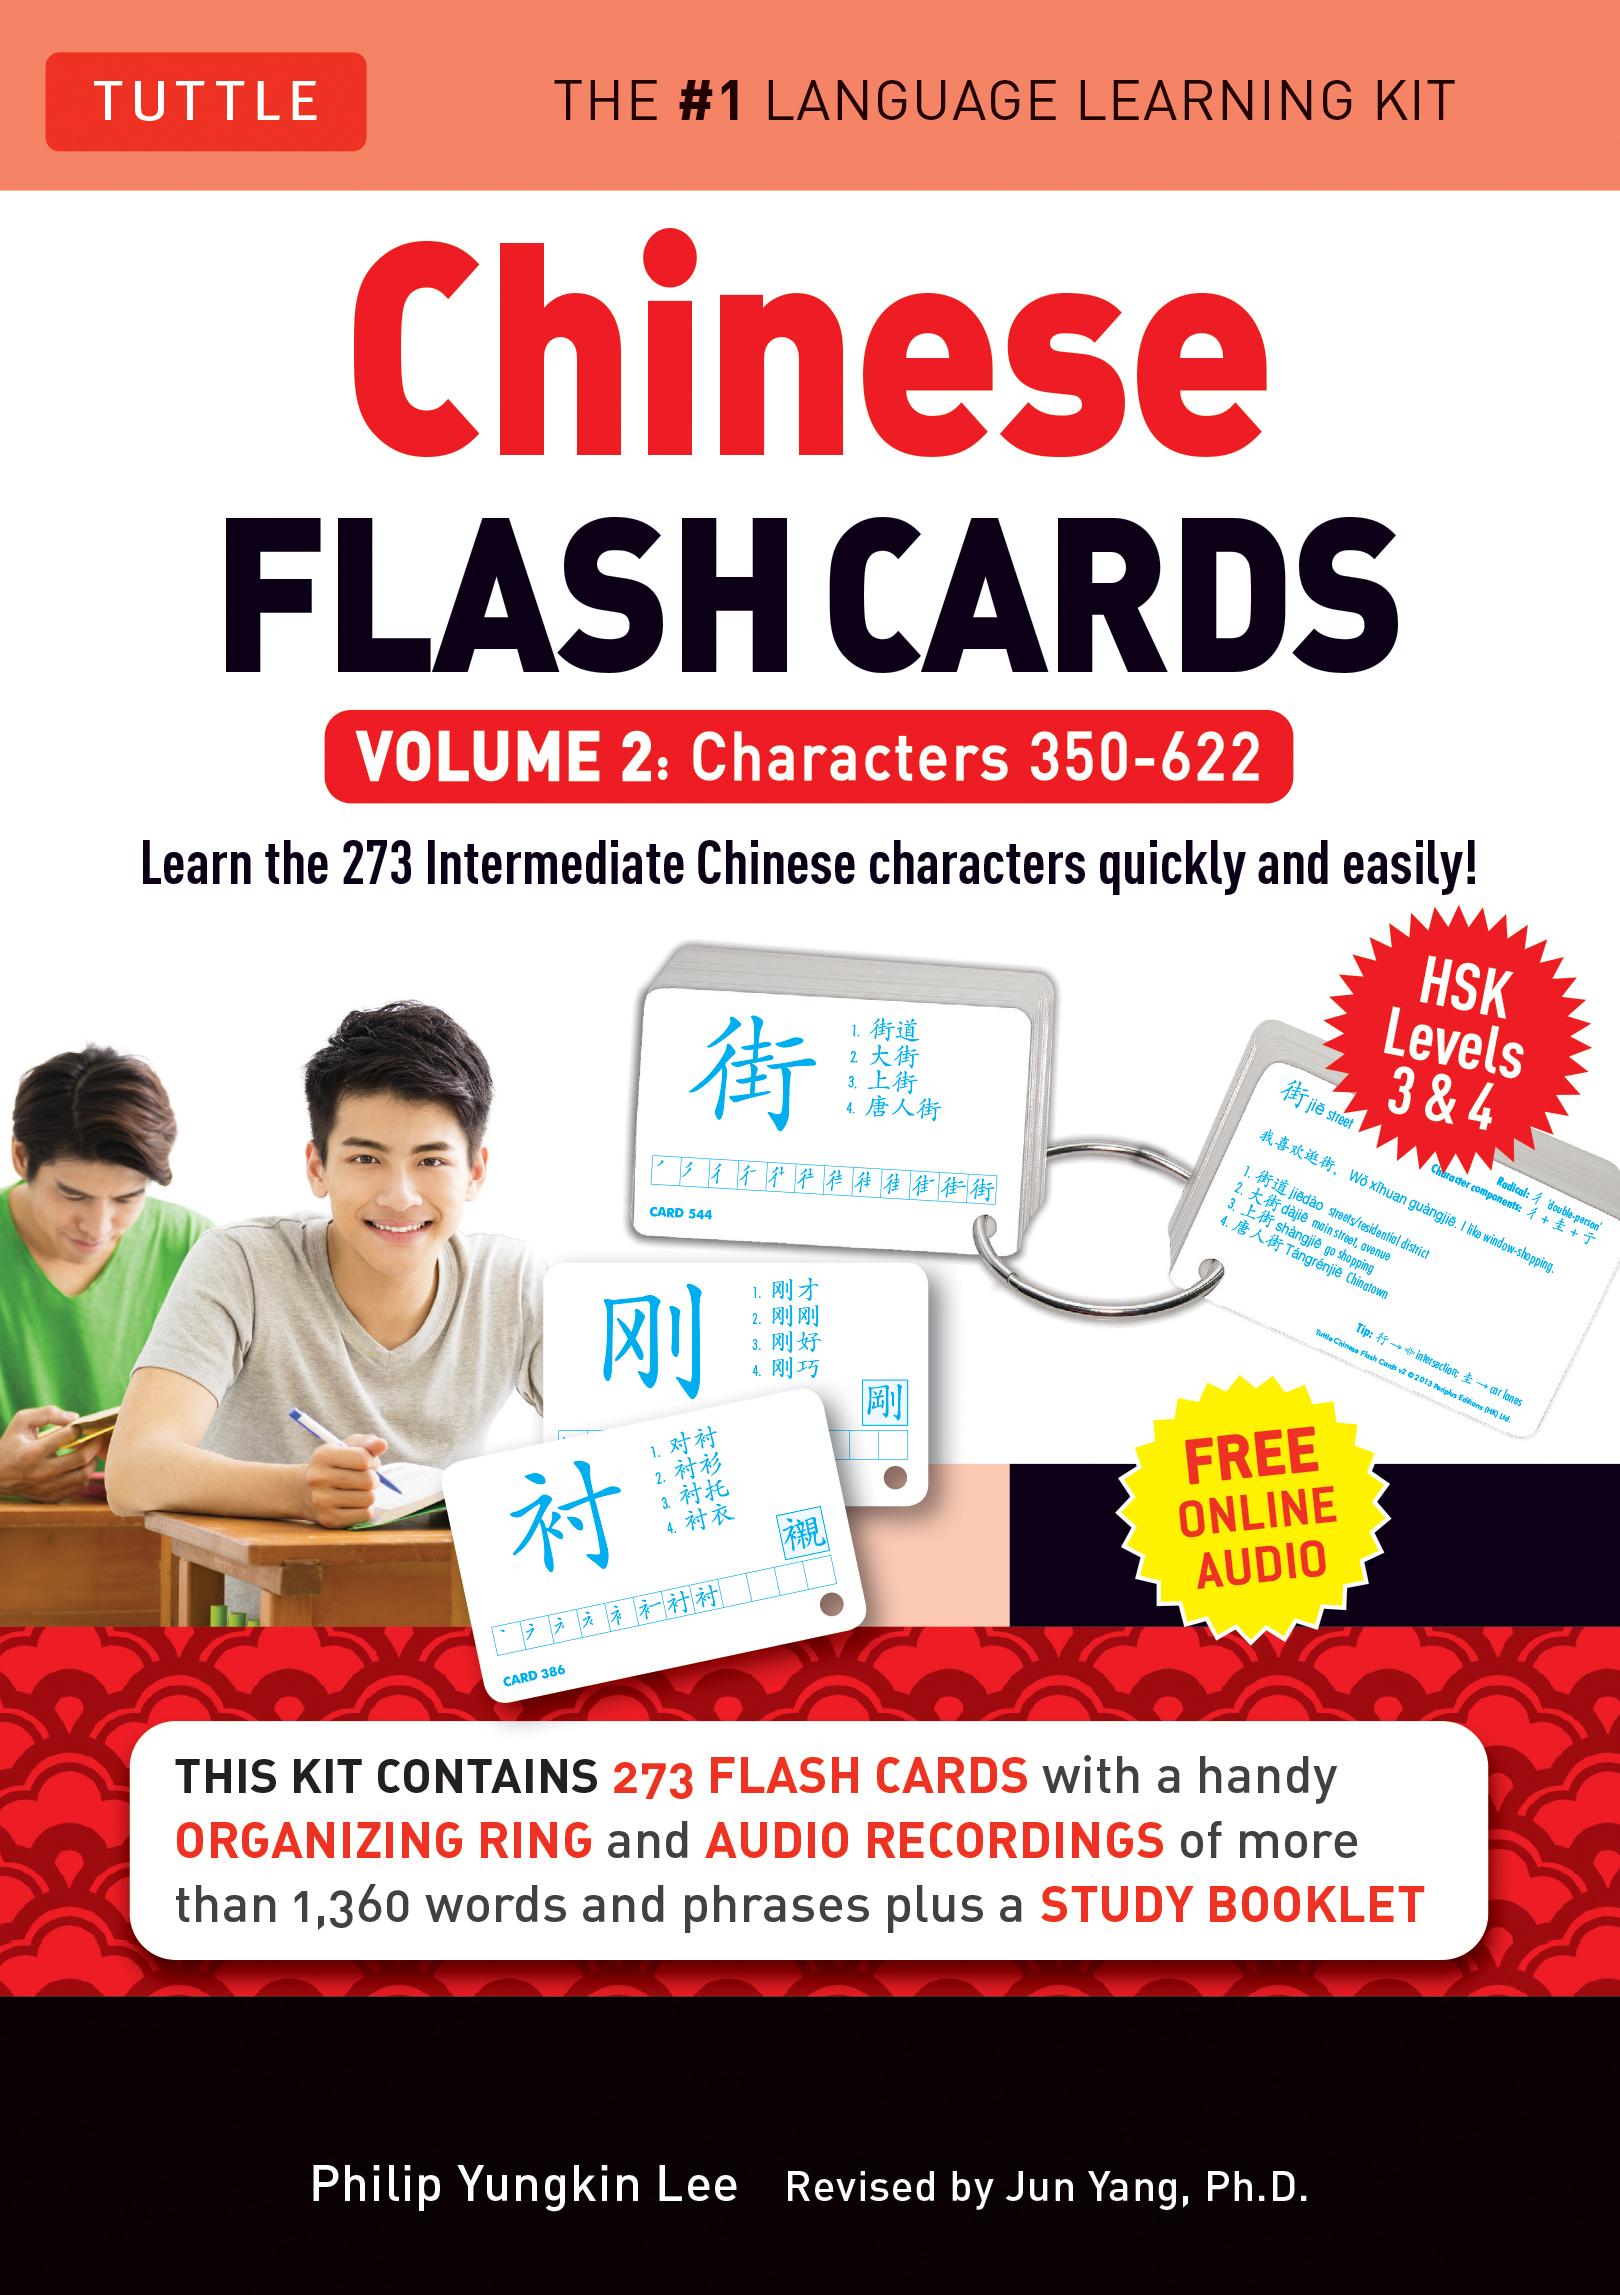 Chinese Flash Cards Kit Volume 2